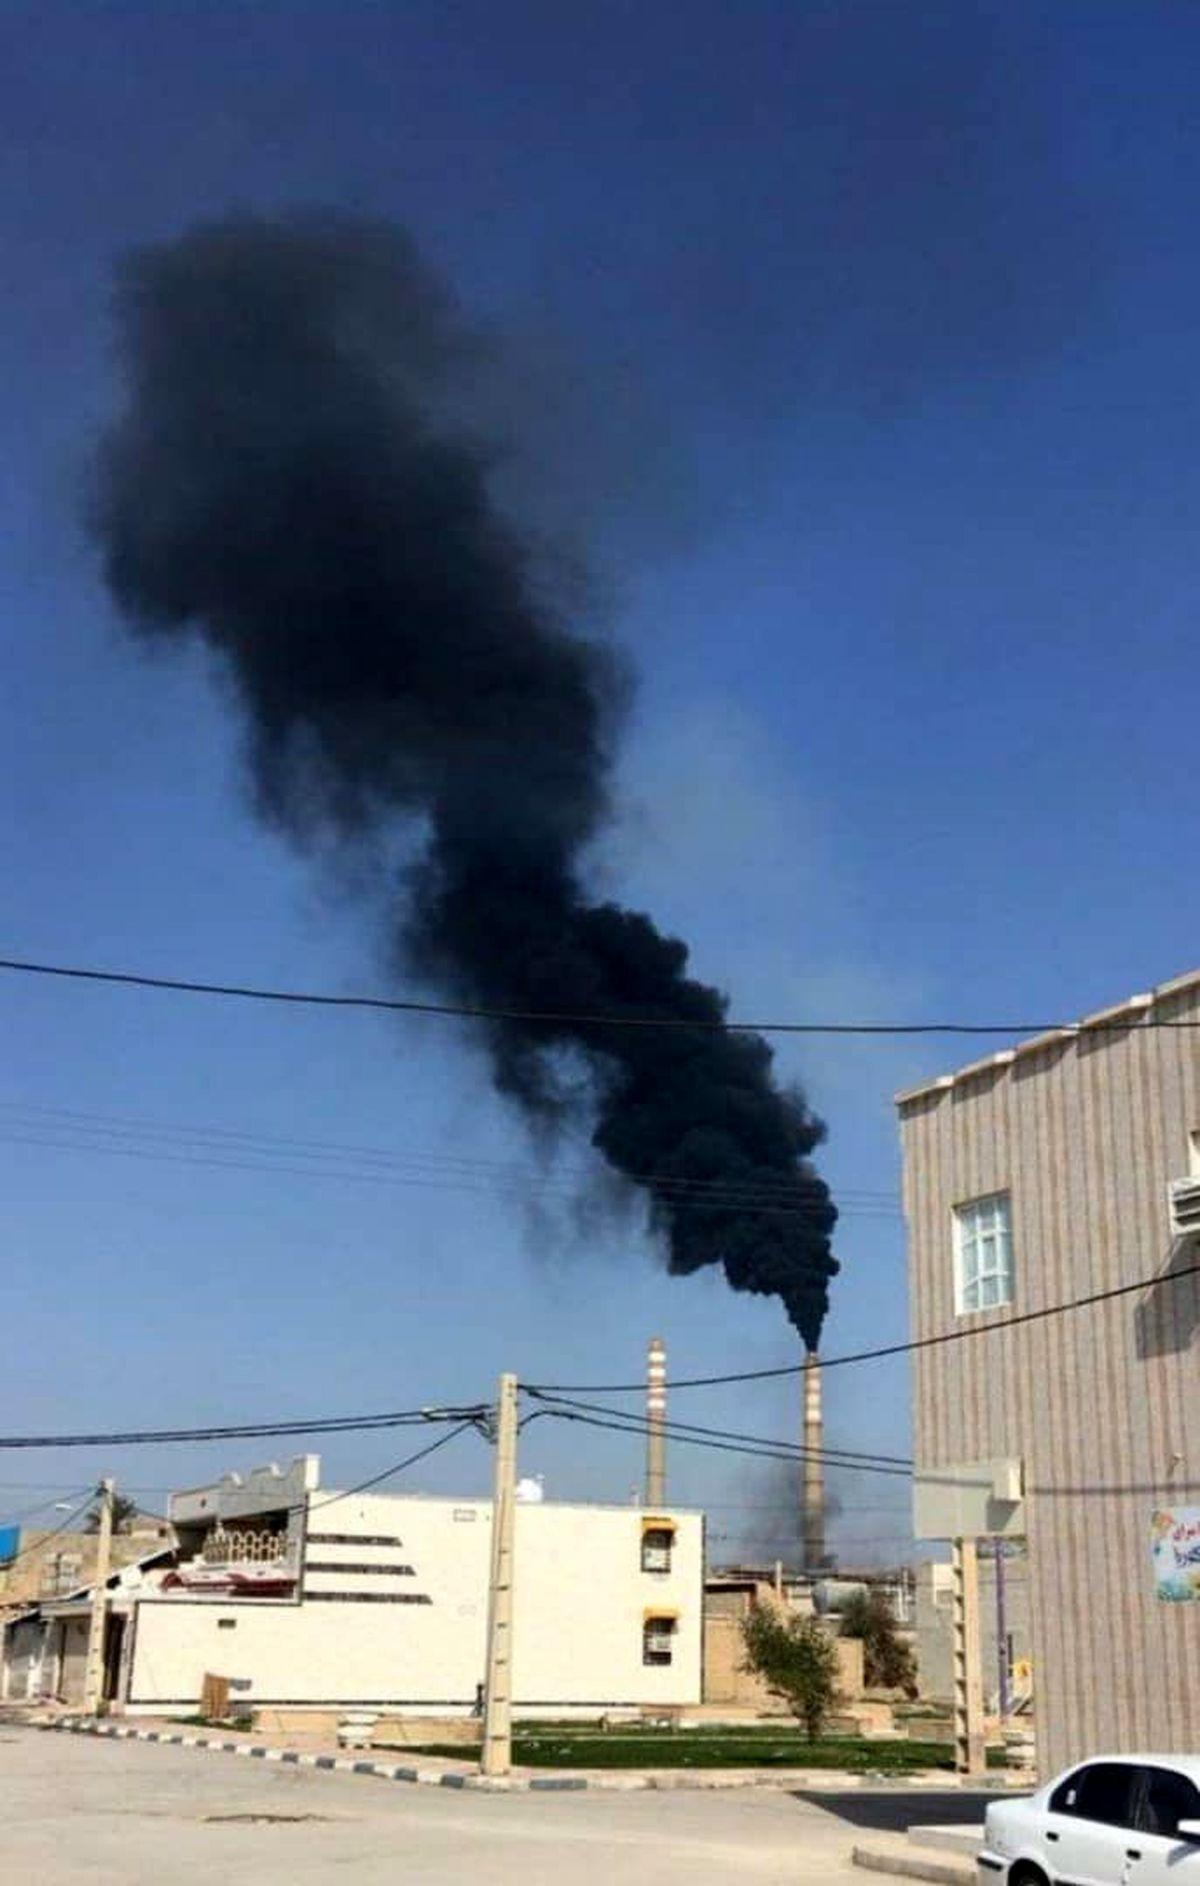 دود سیاه ناشی از استفاده سوخت مایع در نیروگاه رامین اهواز